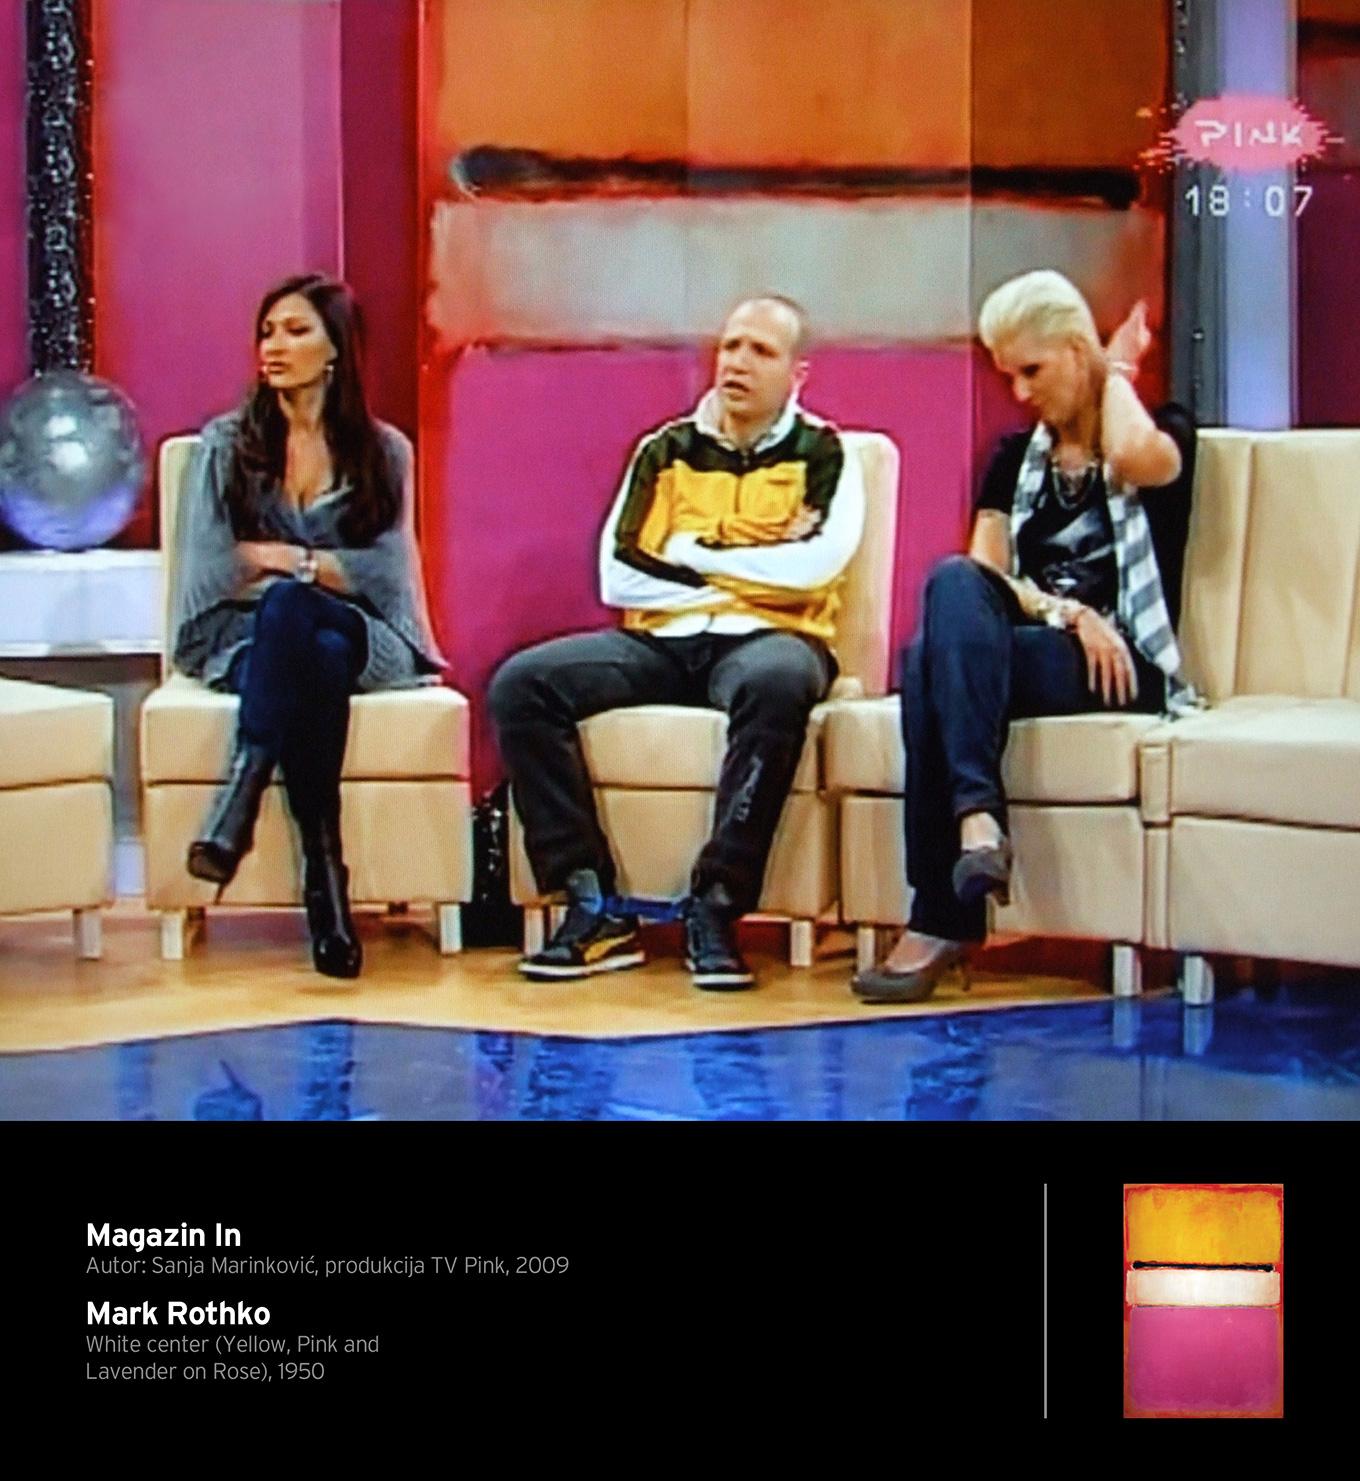 MARK-ROTHKO-3-copy